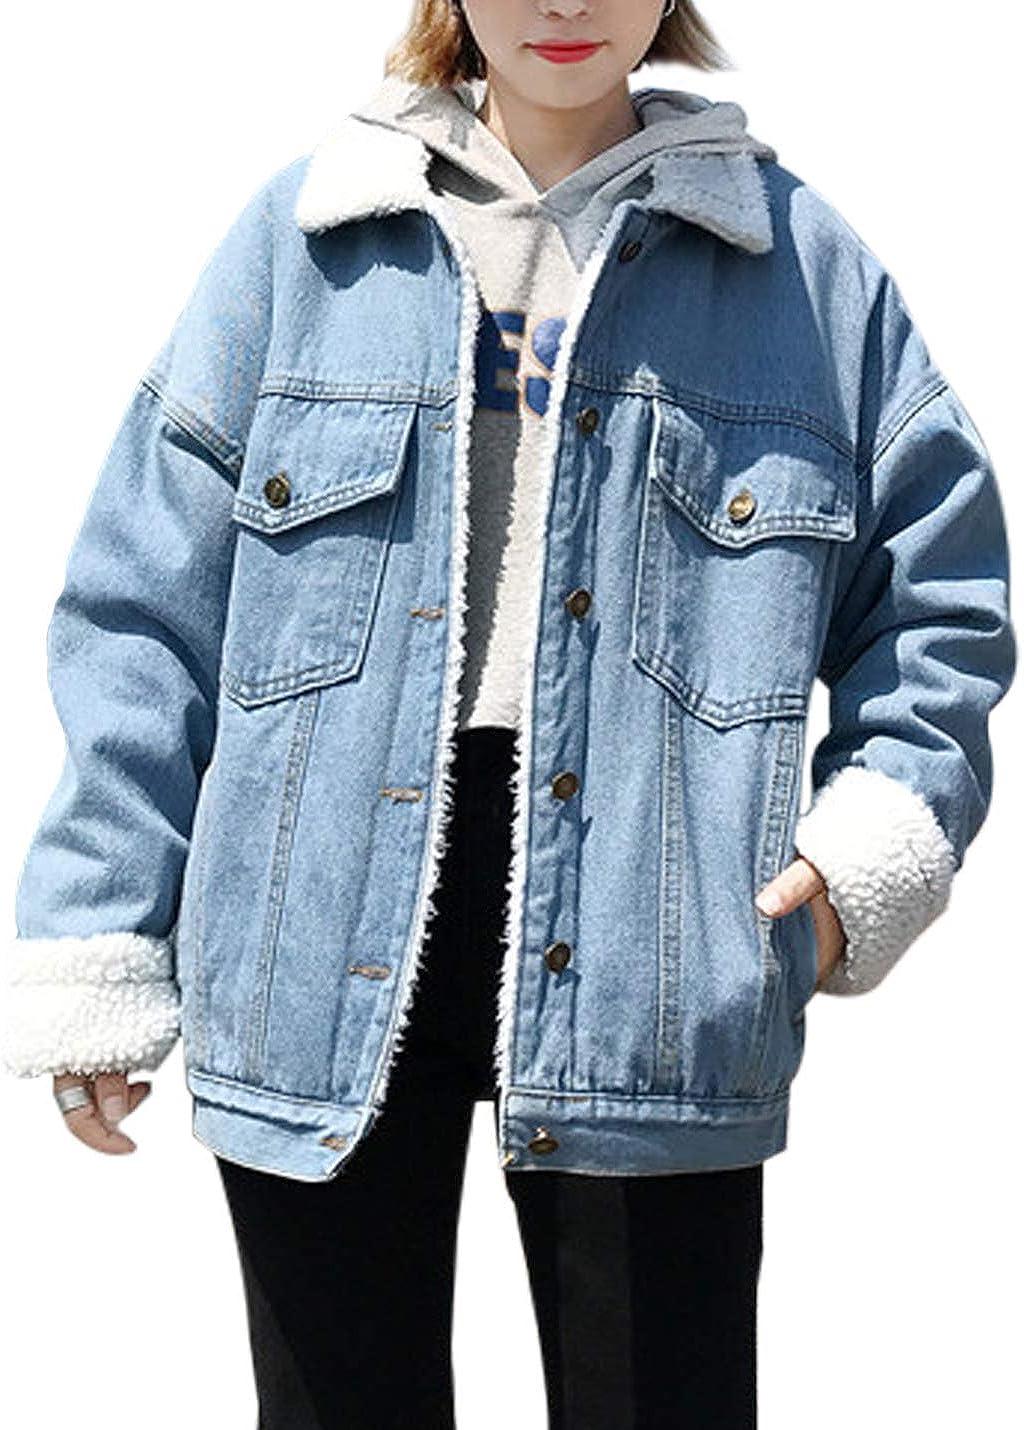 Jenkoon Women's Oversized Thick Warm Sherpa Fur Lined Denim Trucker Jacket Boyfriend Jean Coat